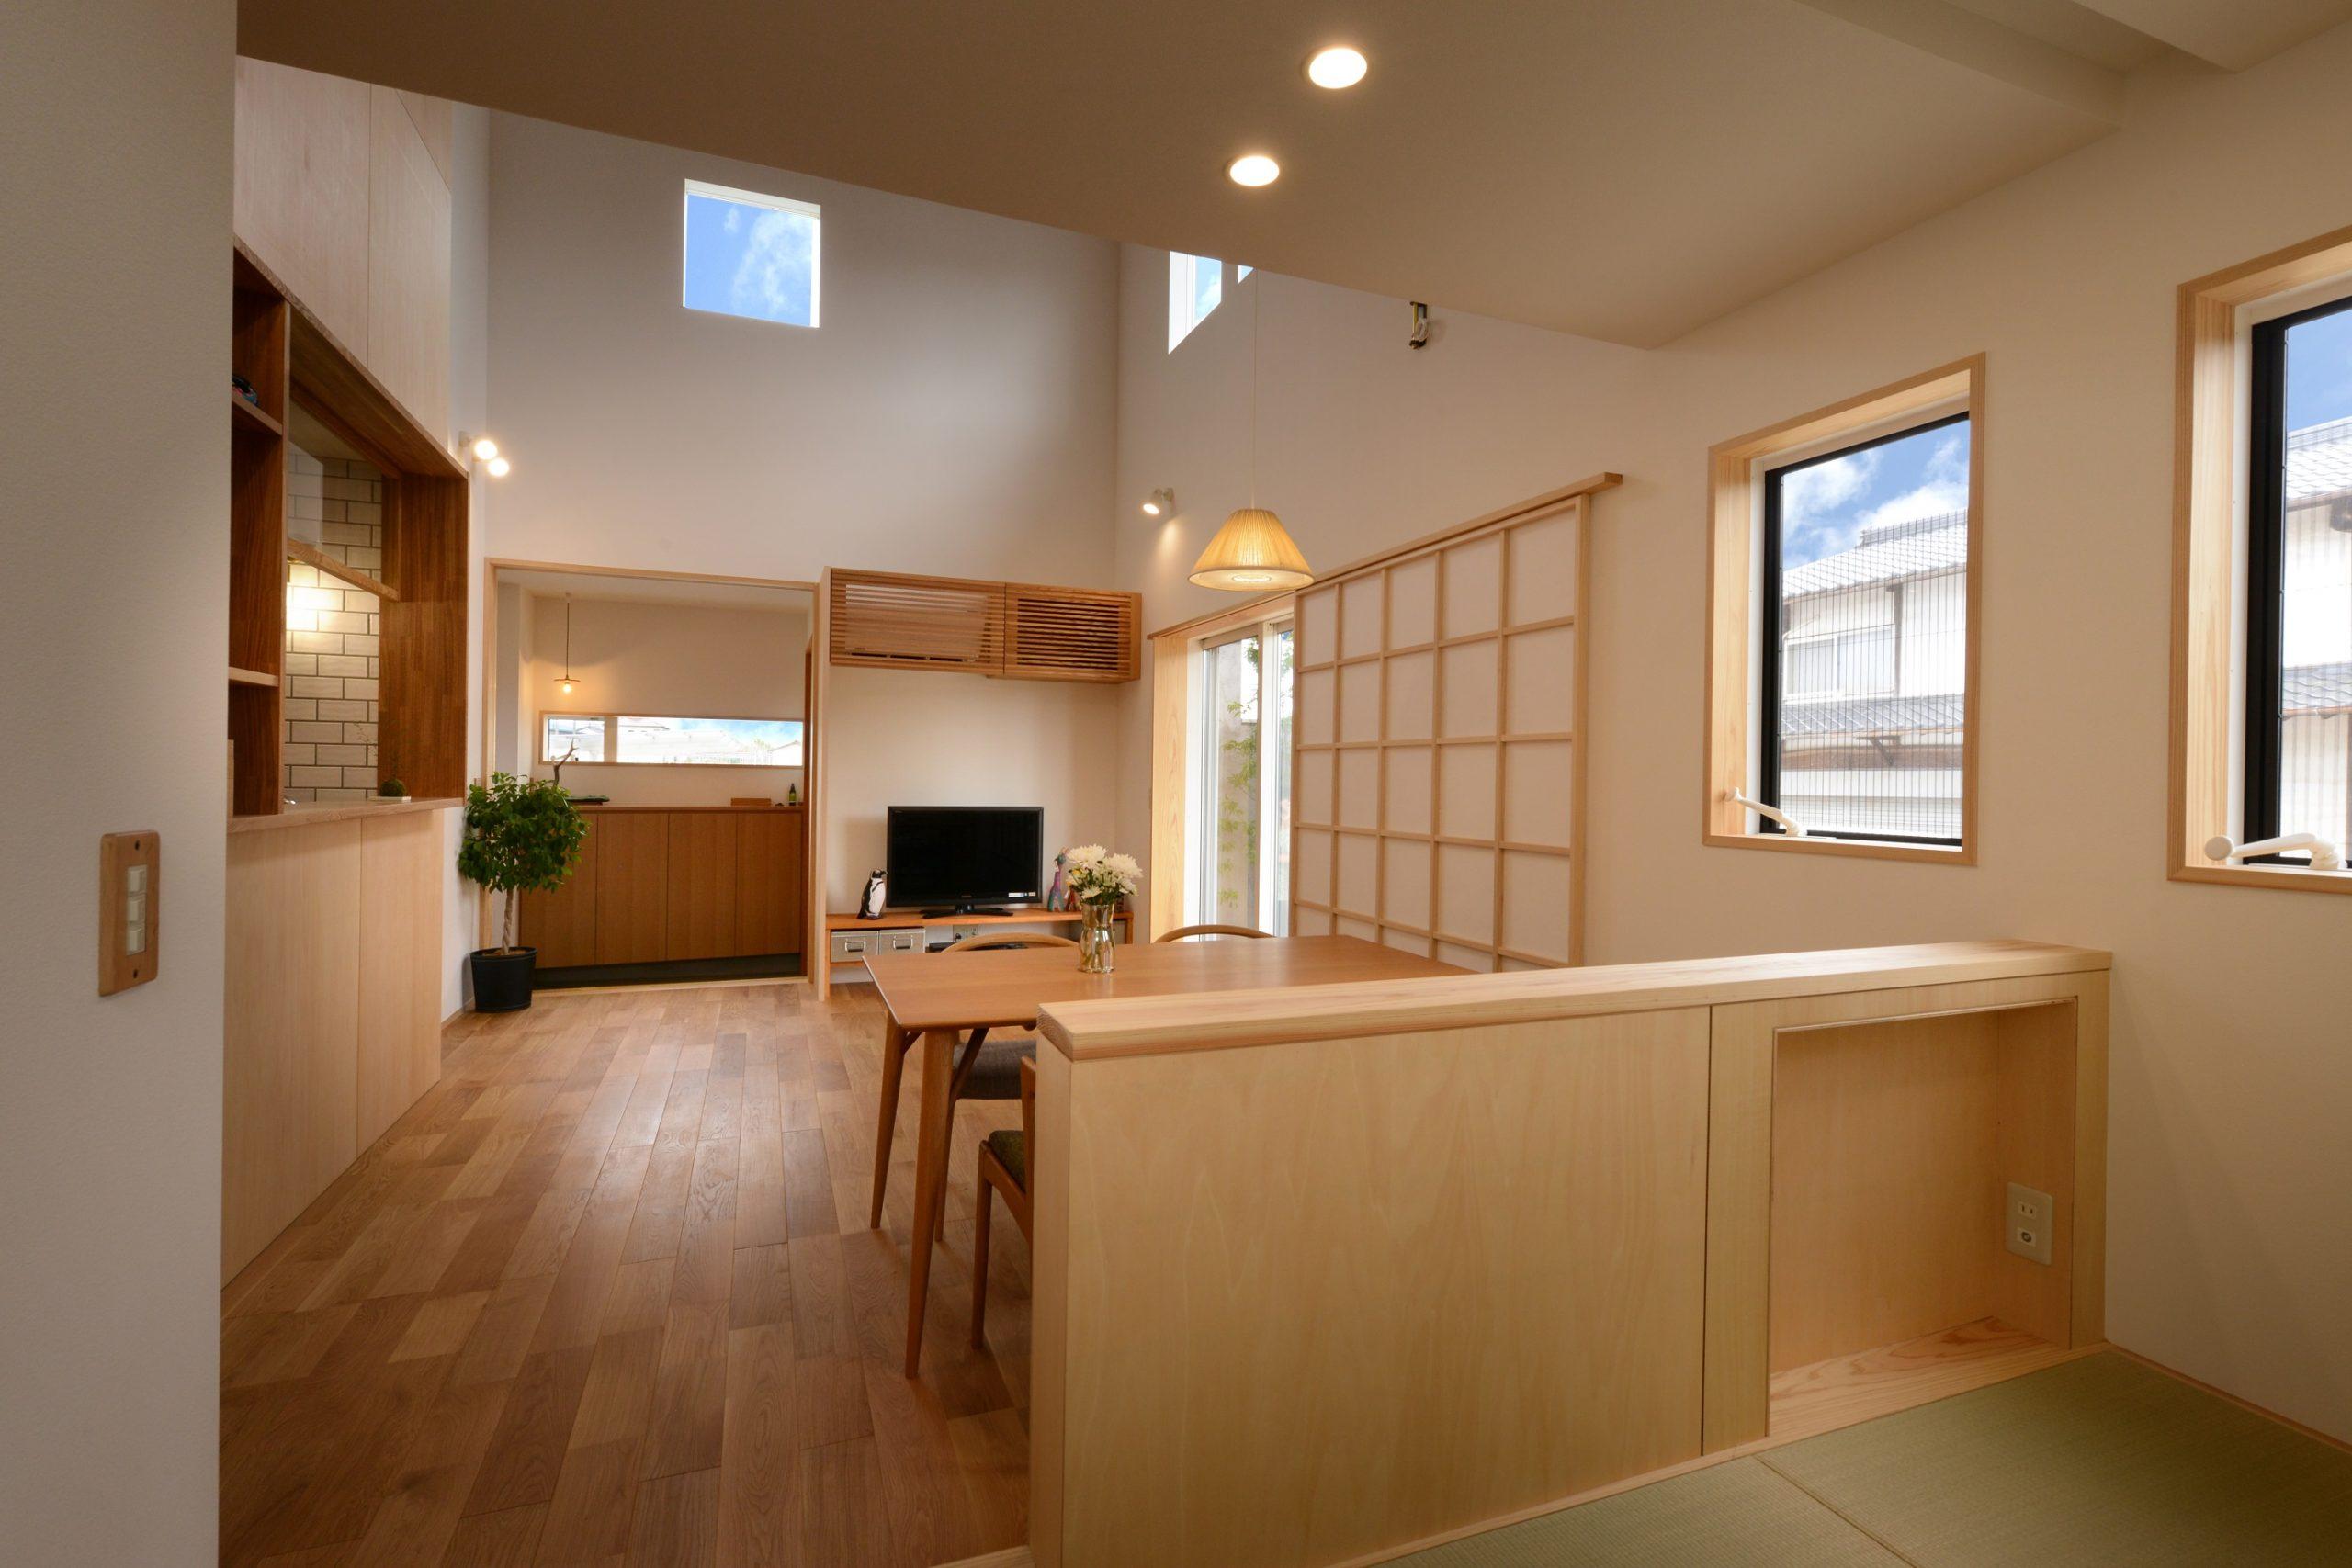 滴水(たるみず)の住宅:小上がりの畳スペースには小さなテレビが置けるニッチが。天井のカーテンボックスにロールカーテンを付け仕切れば、小さな部屋として使えます。